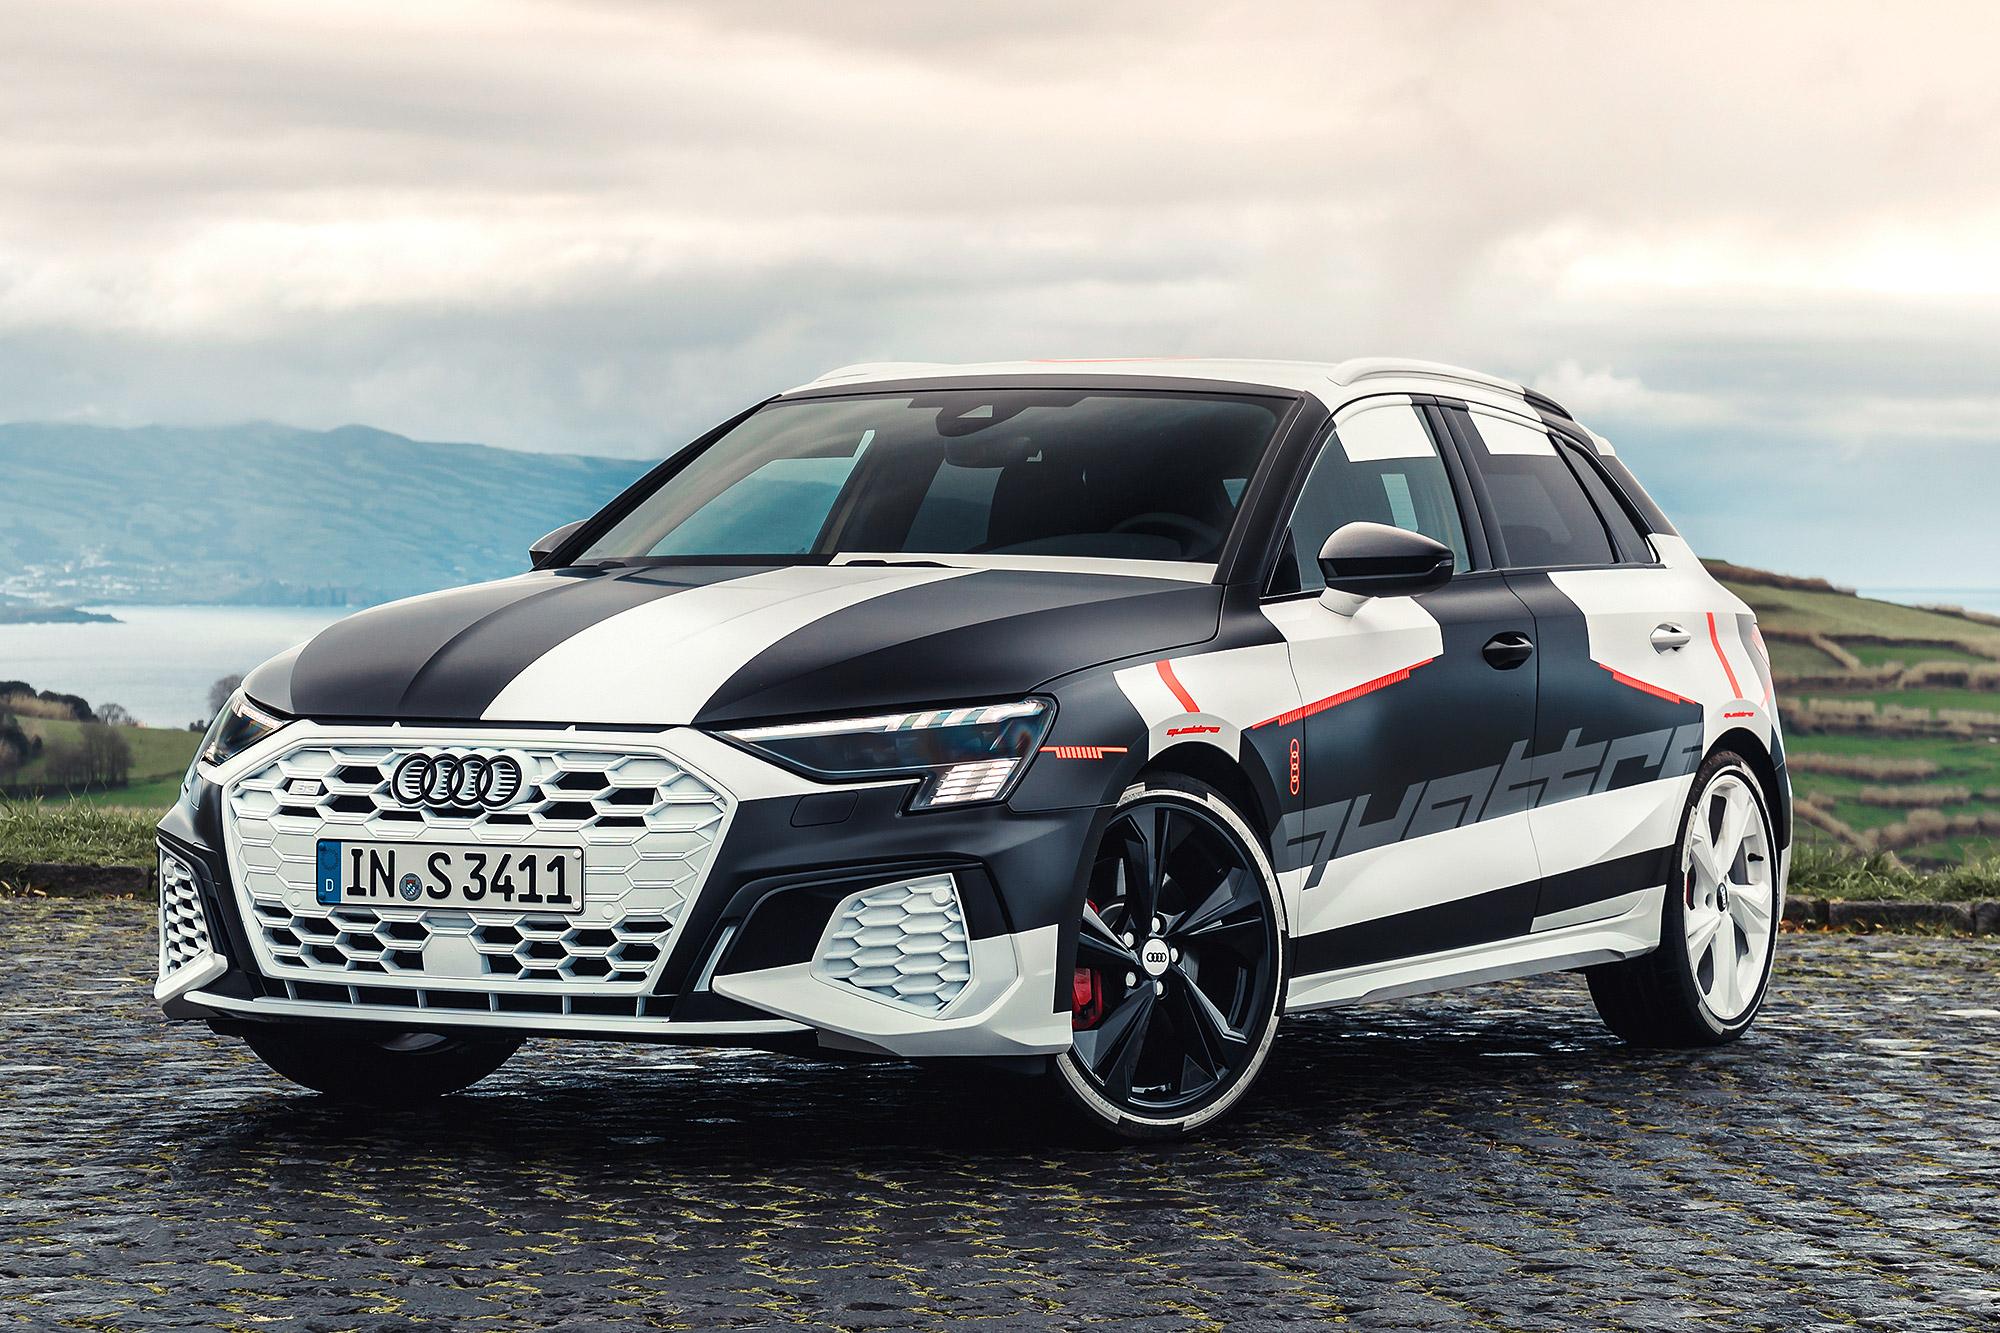 新世代 A3 Sportback 預告 2020 年日內瓦車展發表。